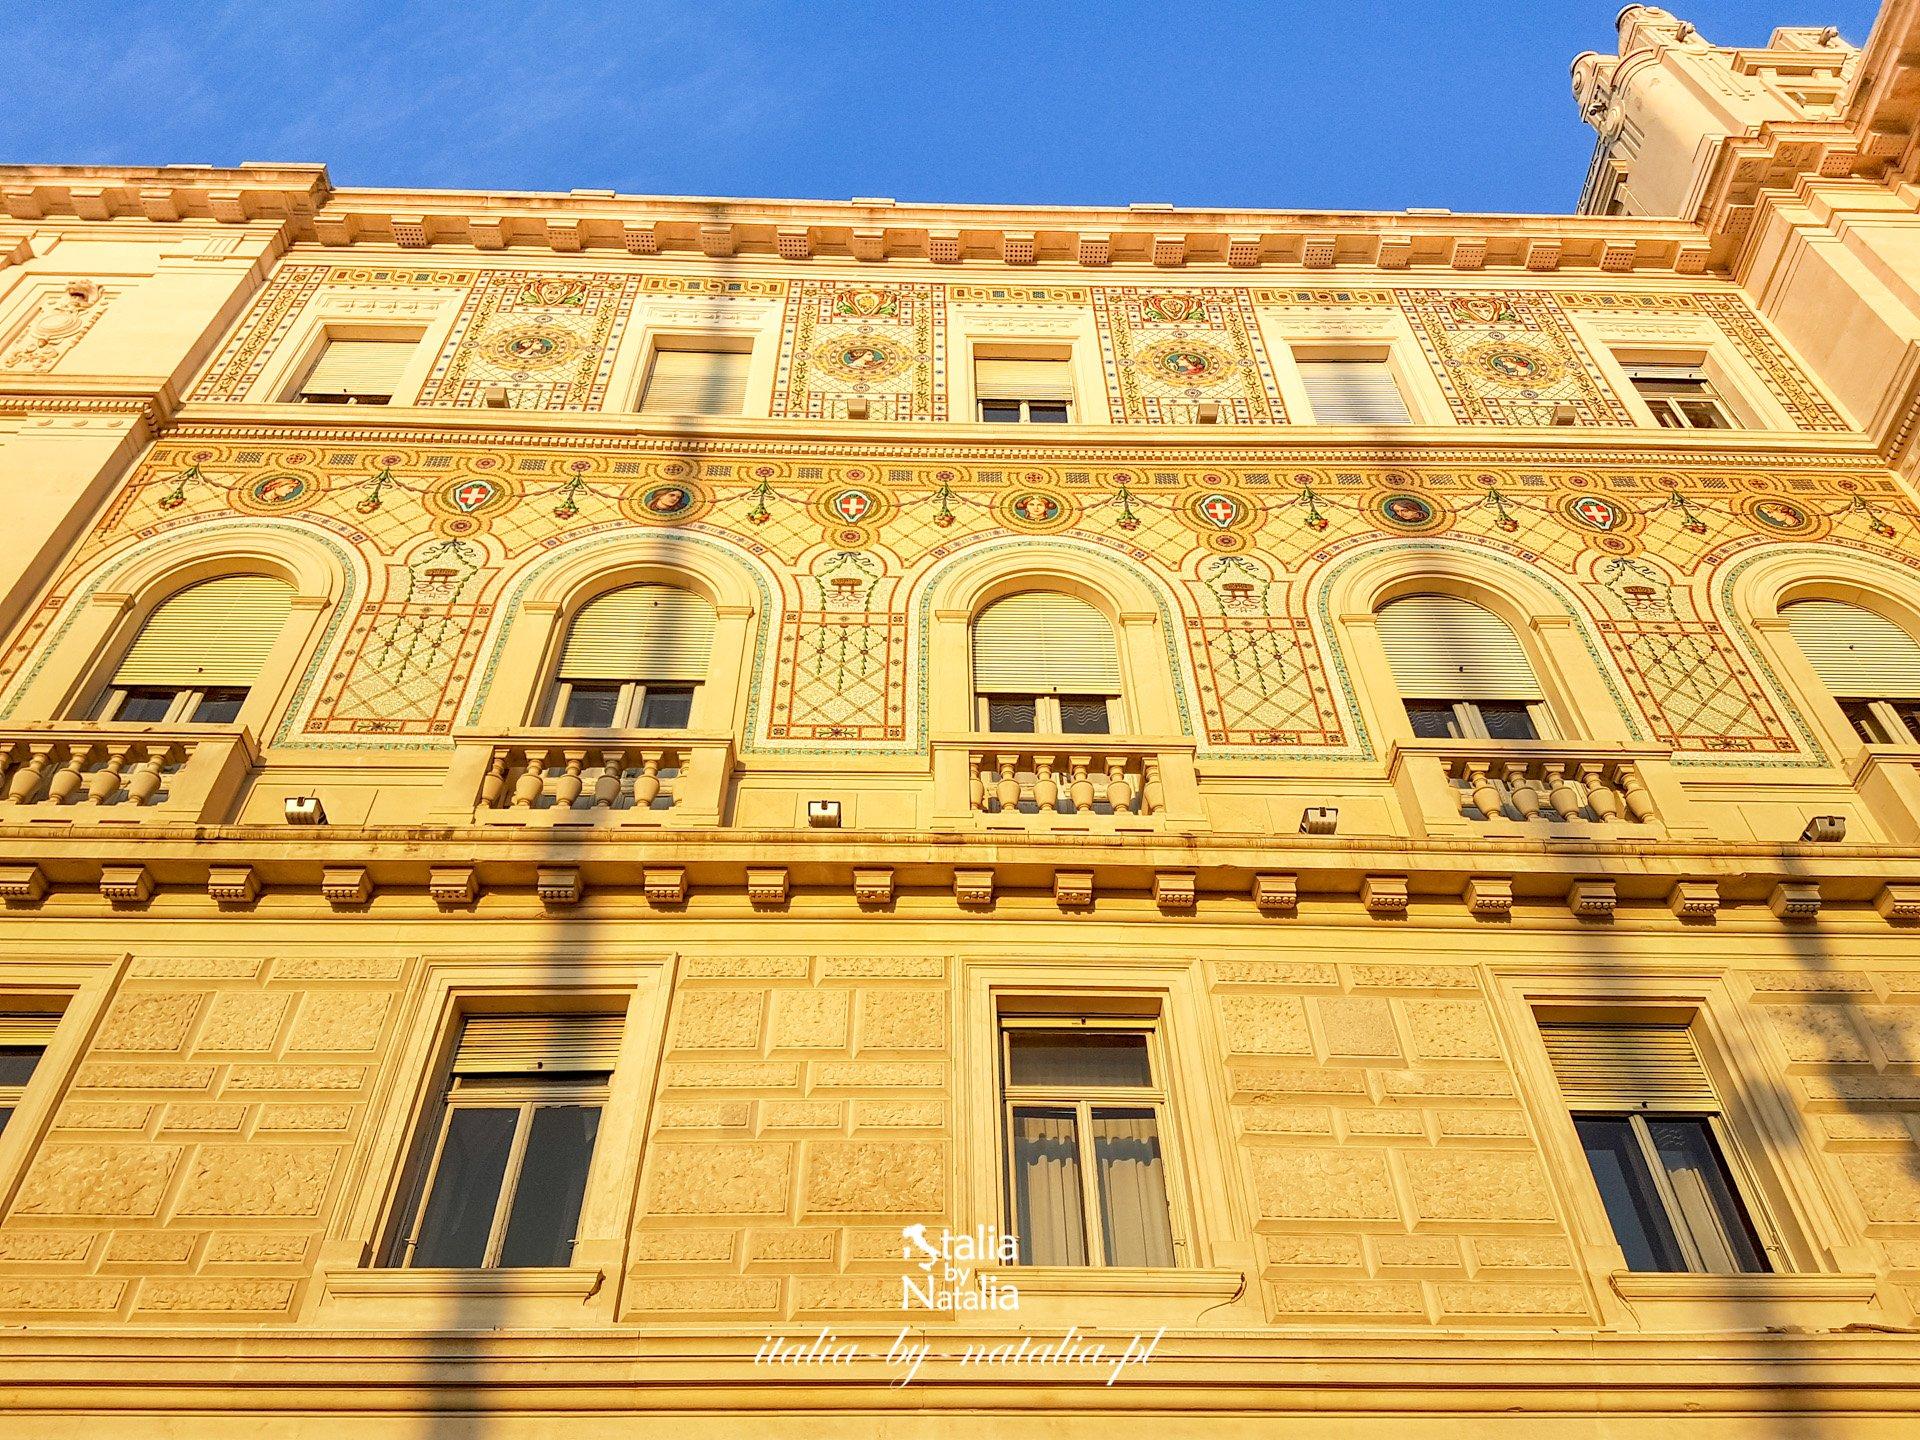 Triest miasto eleganckich pałaców, Jamesa Joyca i kawy Illy Friuli - Wenecja Julijska Adriatyk